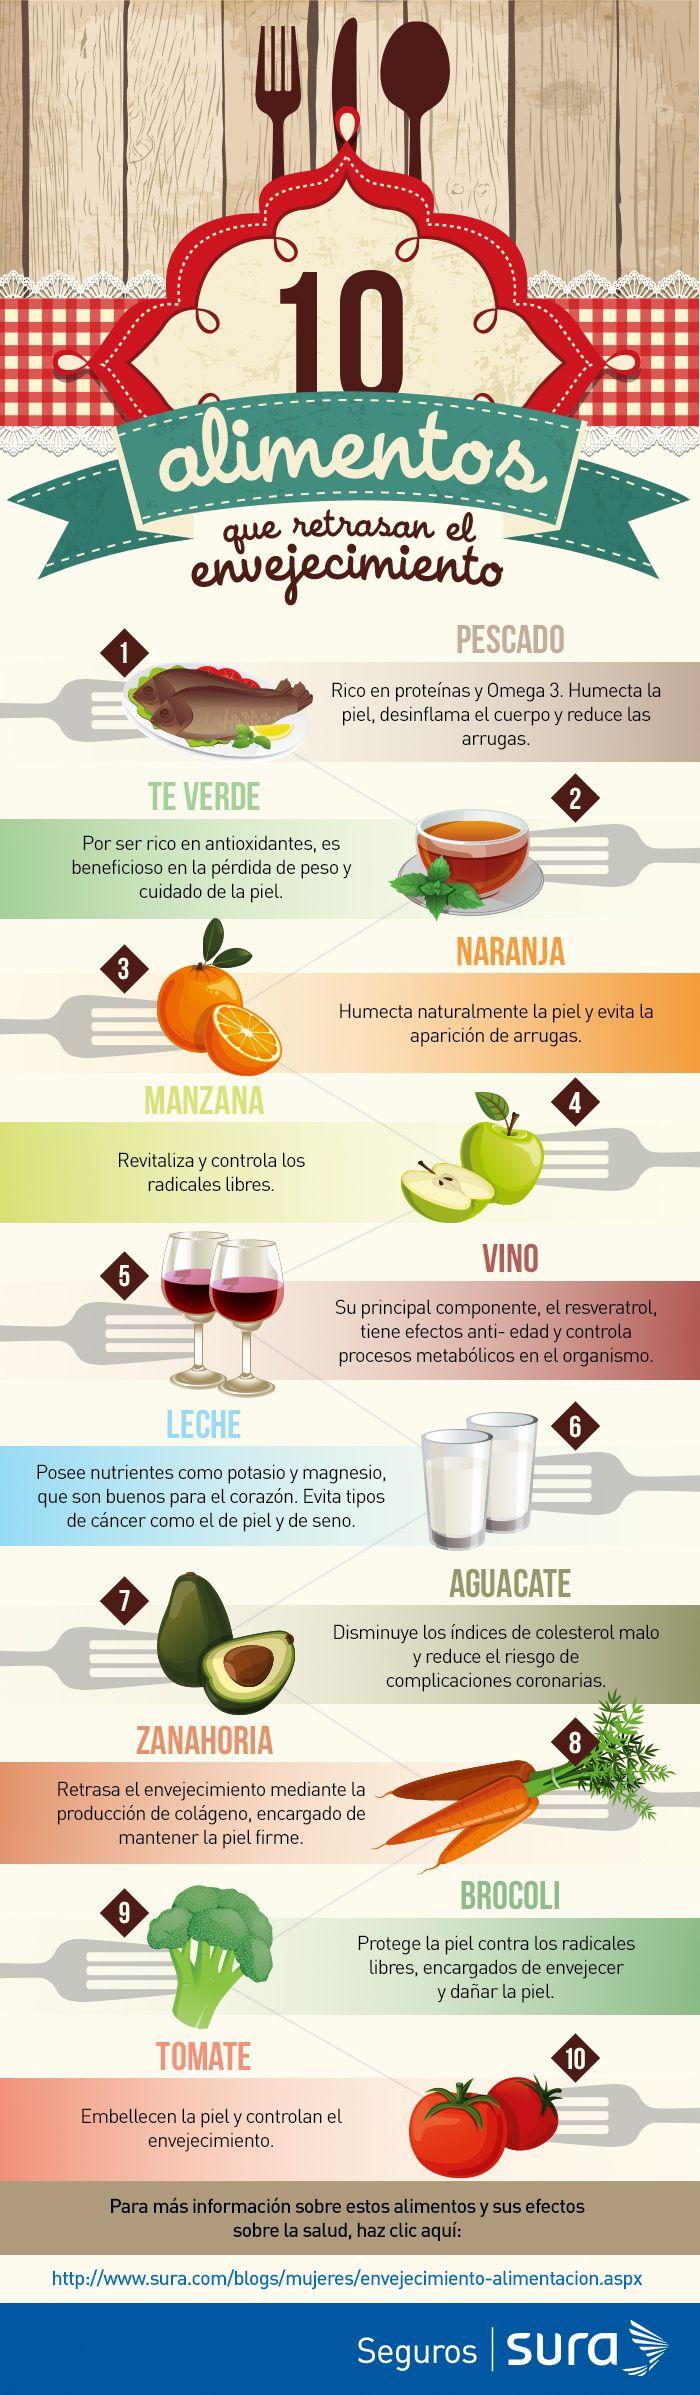 Conoce los 10 alimentos que te darán mejor calidad de vida. #vidasana #comerbien #alimentos #salud